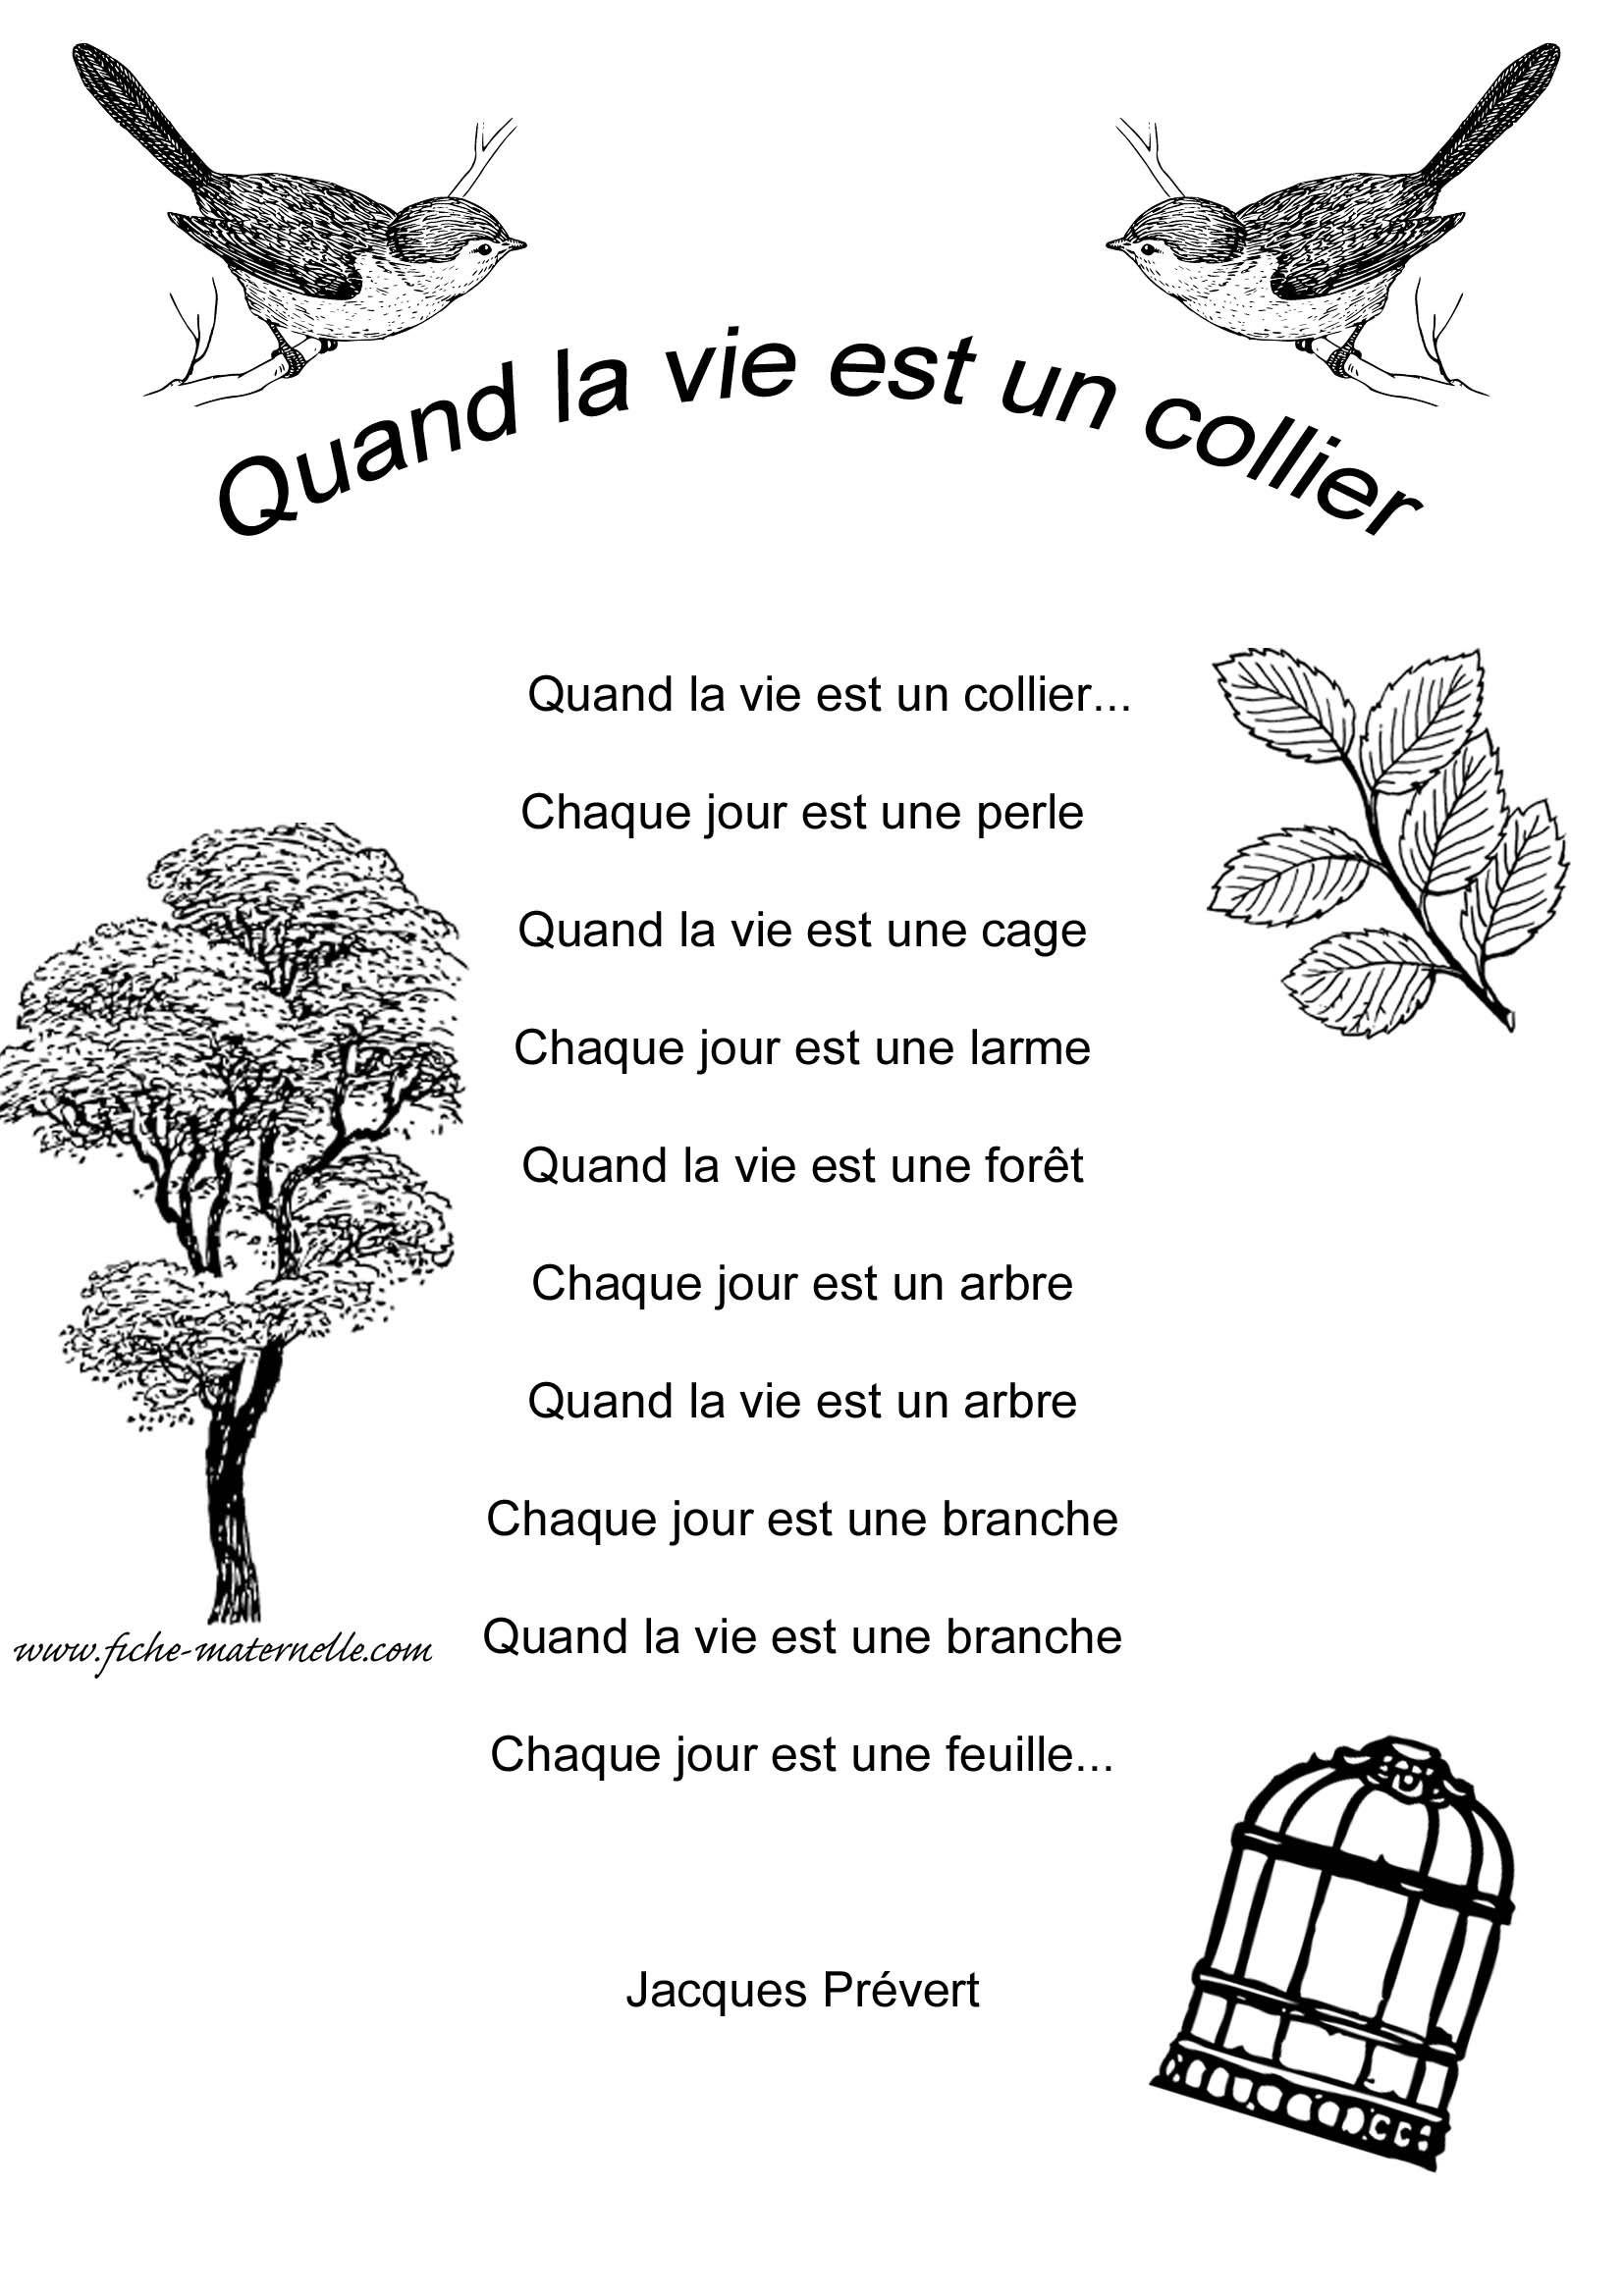 Poésie En Maternelle | Prevert Jacques, Poesie, Belles Citations pour Poeme De Jacque Prevert